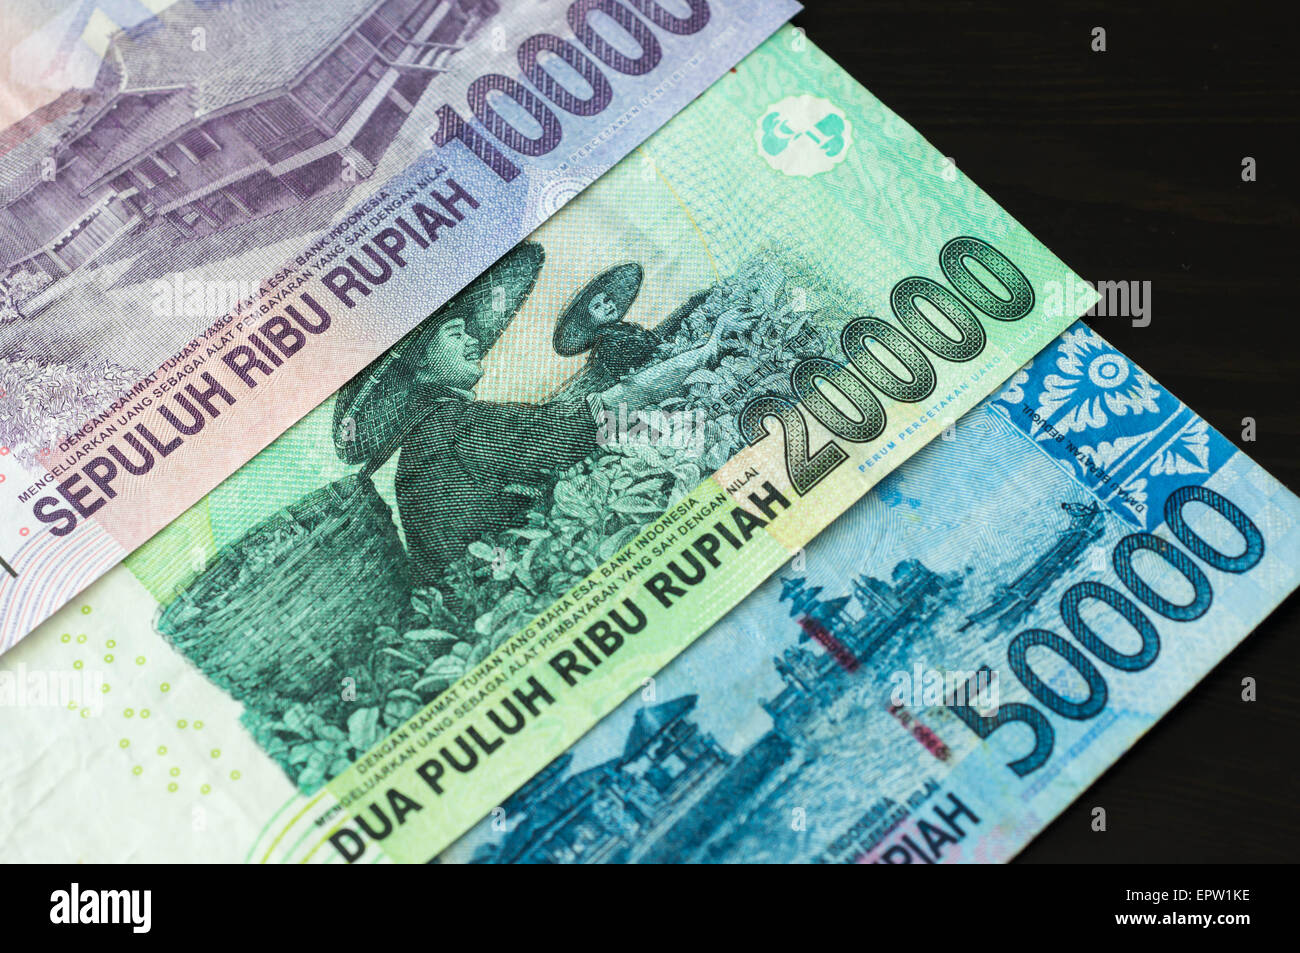 Bitcoin Cash Ke Rupiah How Do You Earn Bitcoins Without Mining